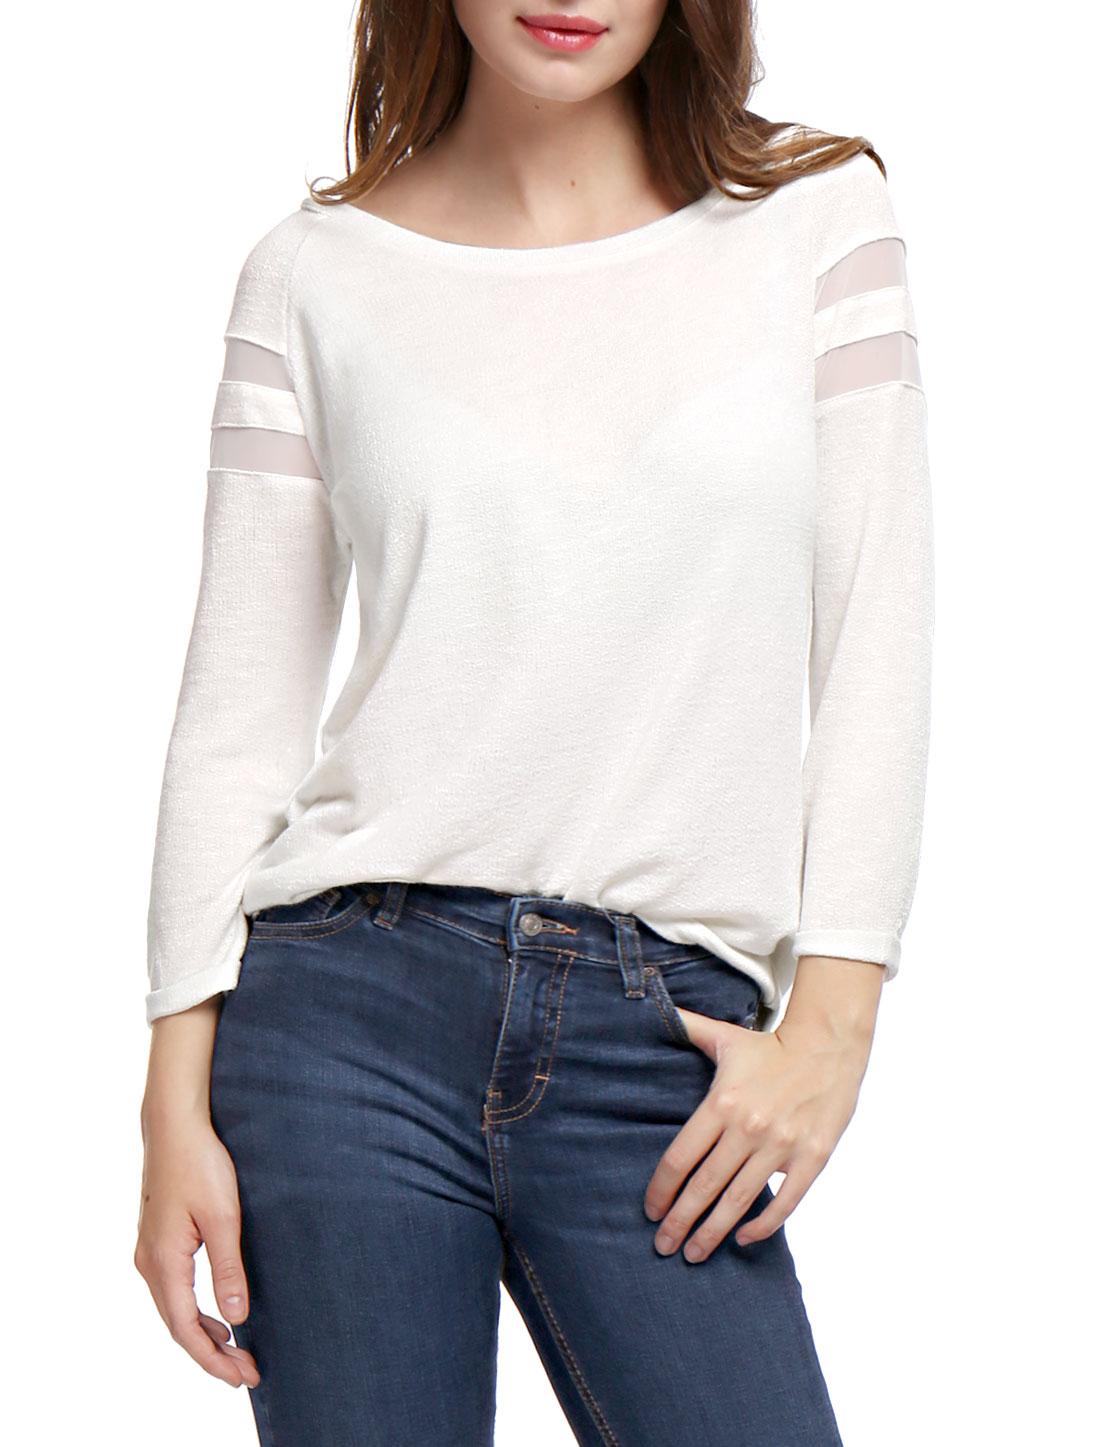 Woman Mesh Panel Raglan Sleeves Scoop Neck T-Shirt White XS